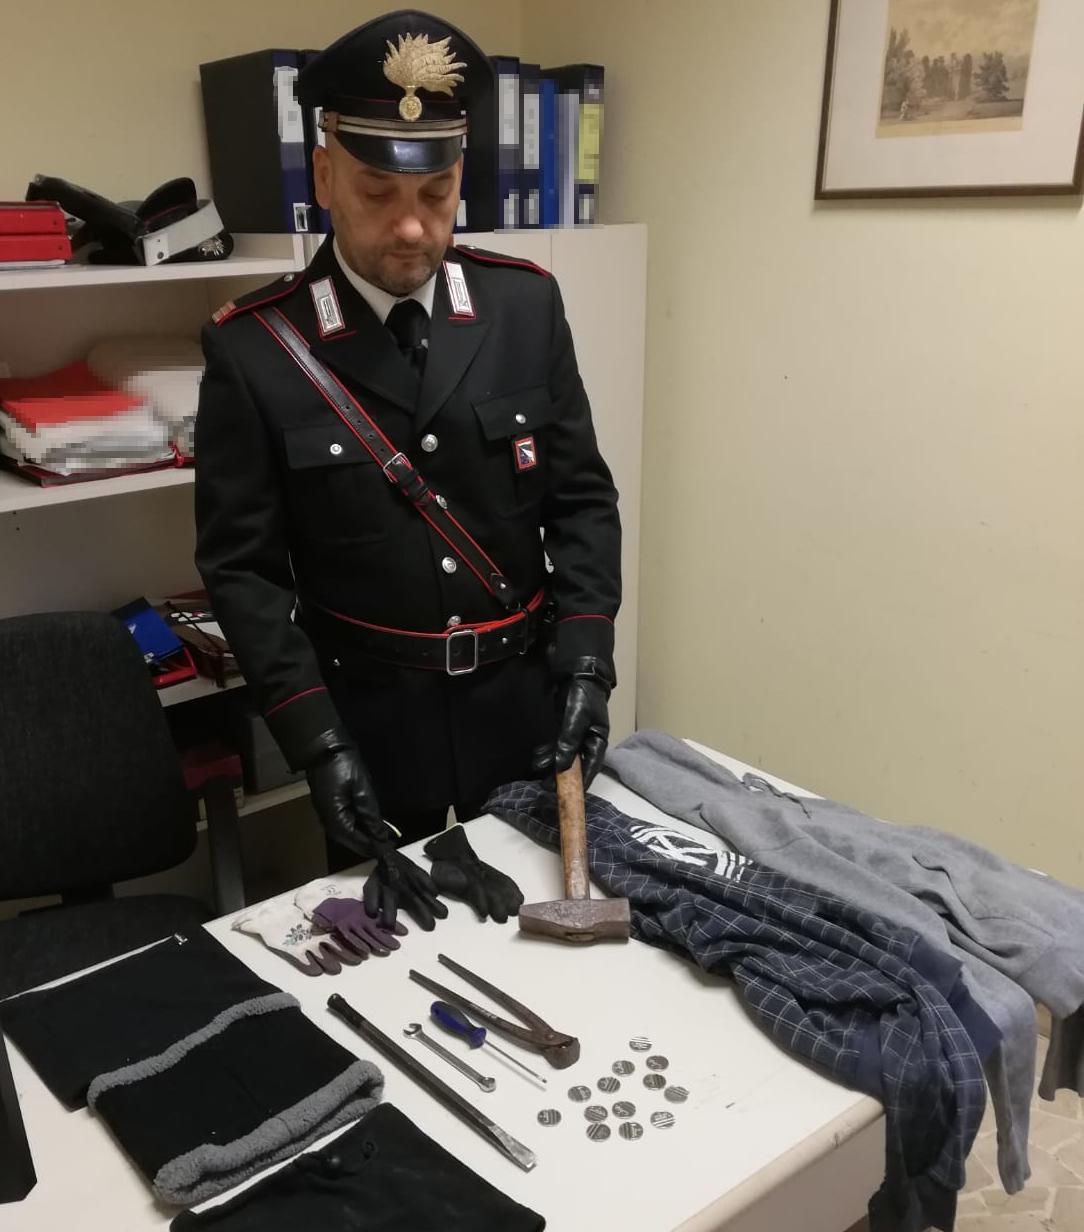 Castel S.Pietro Terme: due ladri seriali denunciati dai Carabinieri per furto aggravato